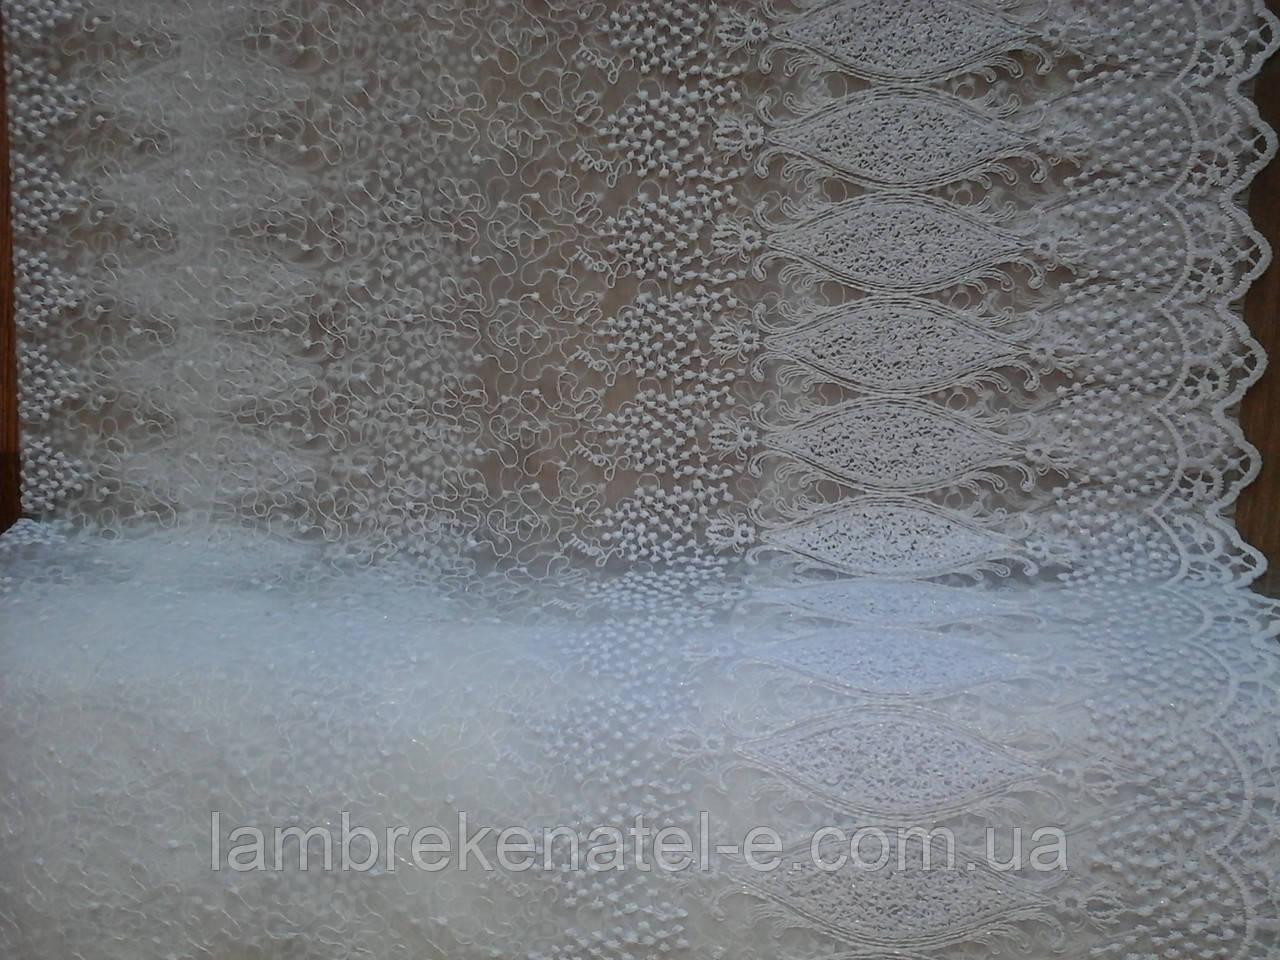 Тюль белая фатин с вензельной вышивкой